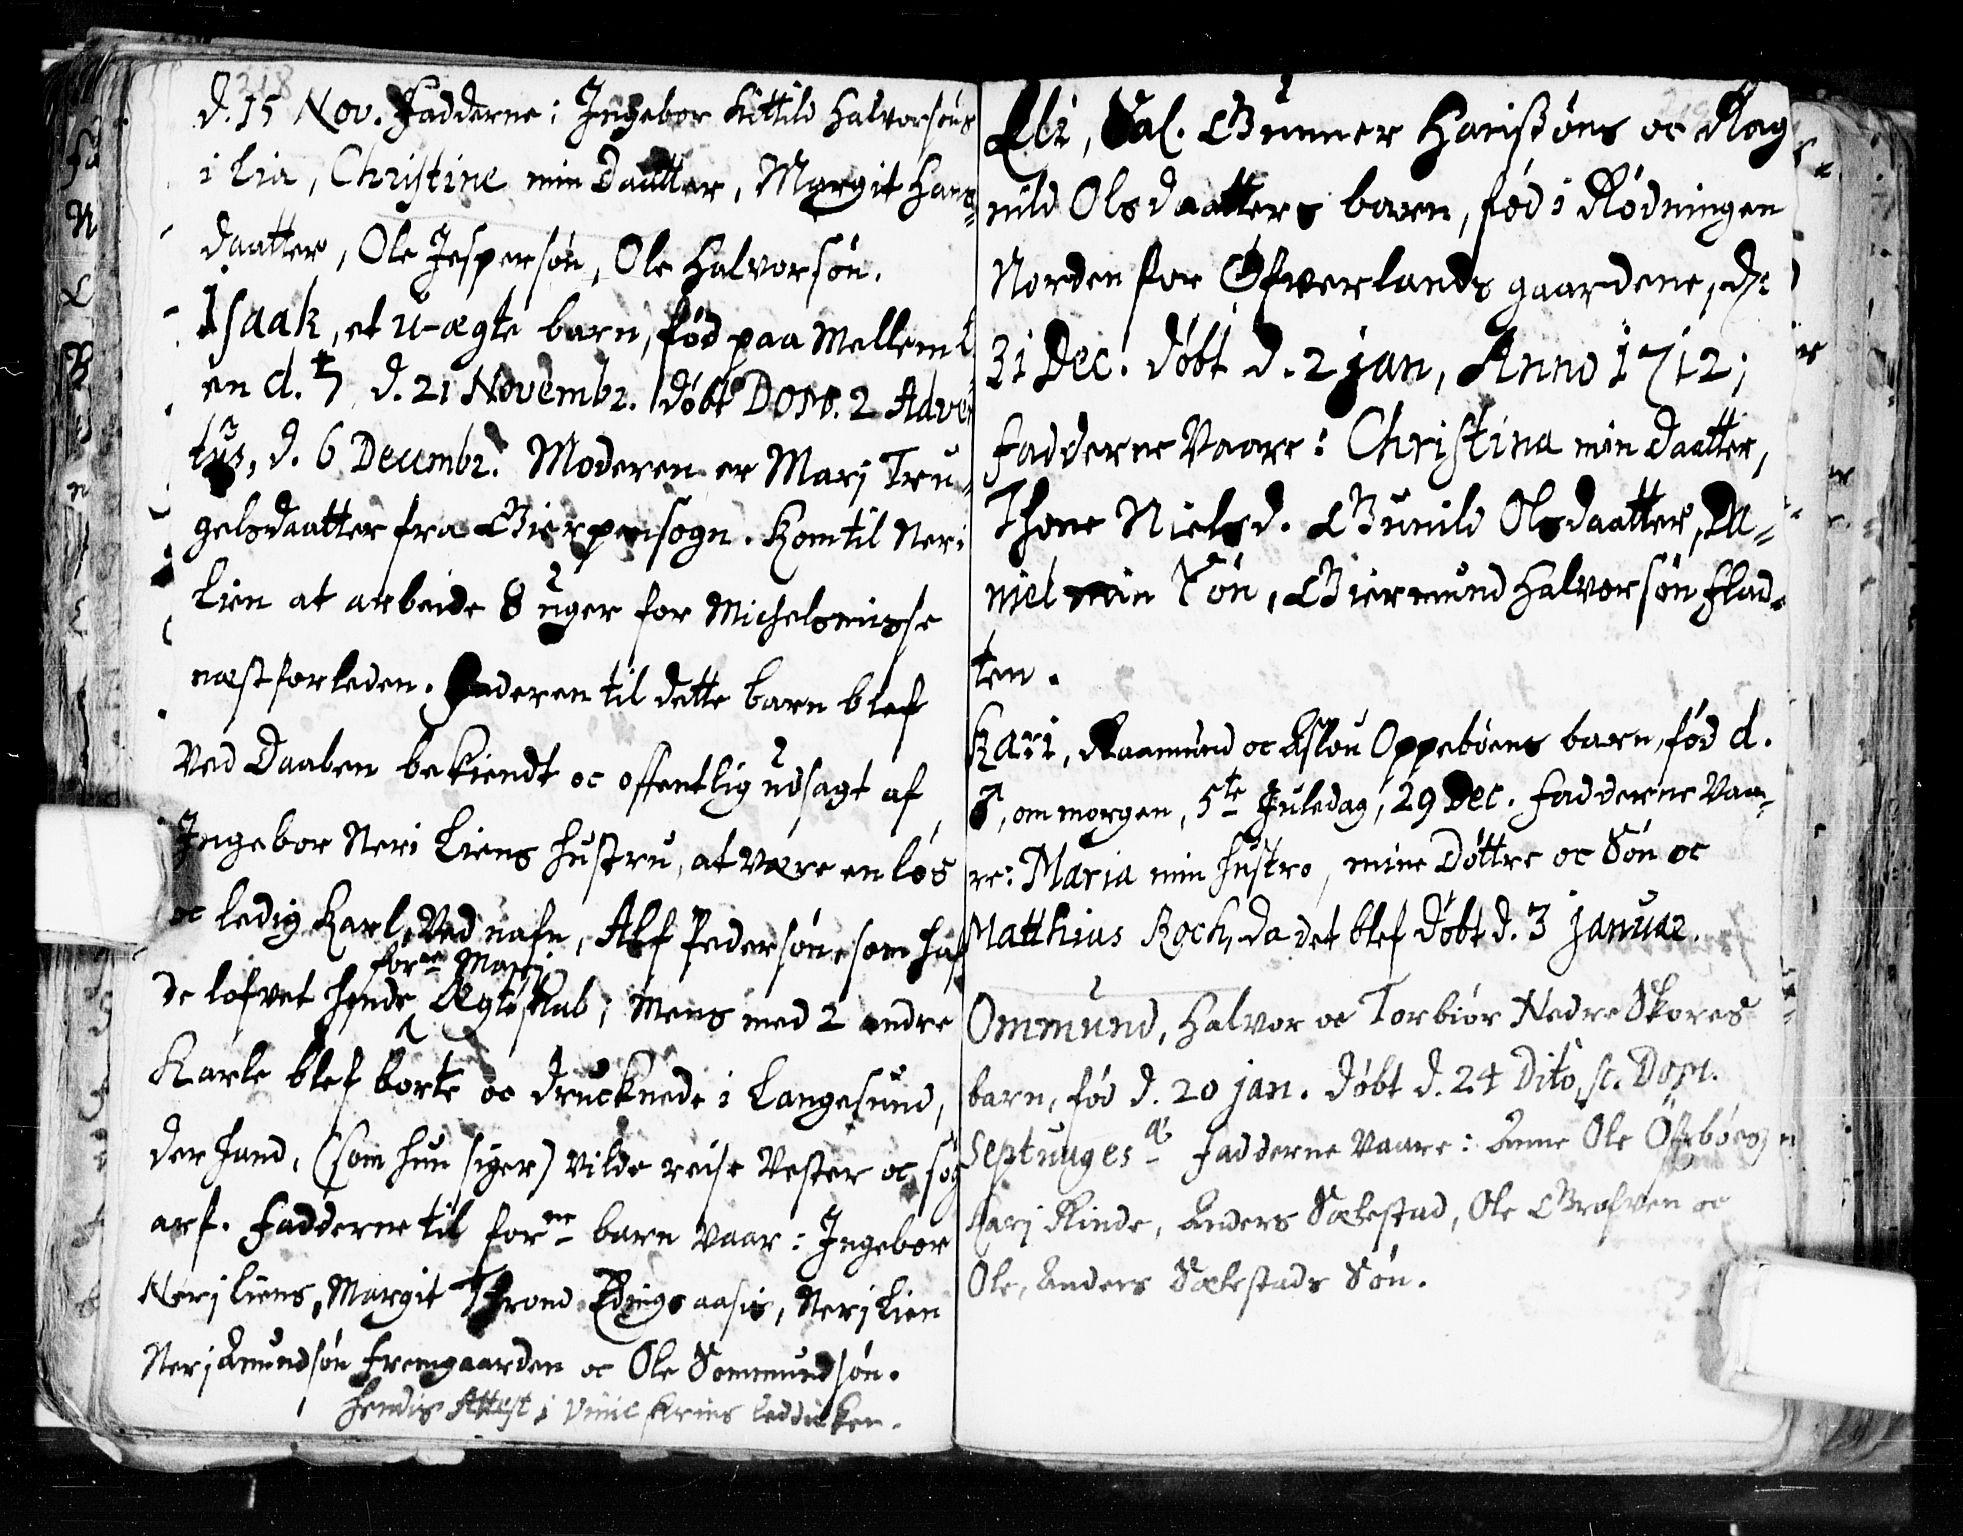 SAKO, Seljord kirkebøker, F/Fa/L0002: Ministerialbok nr. I 2, 1689-1713, s. 218-219